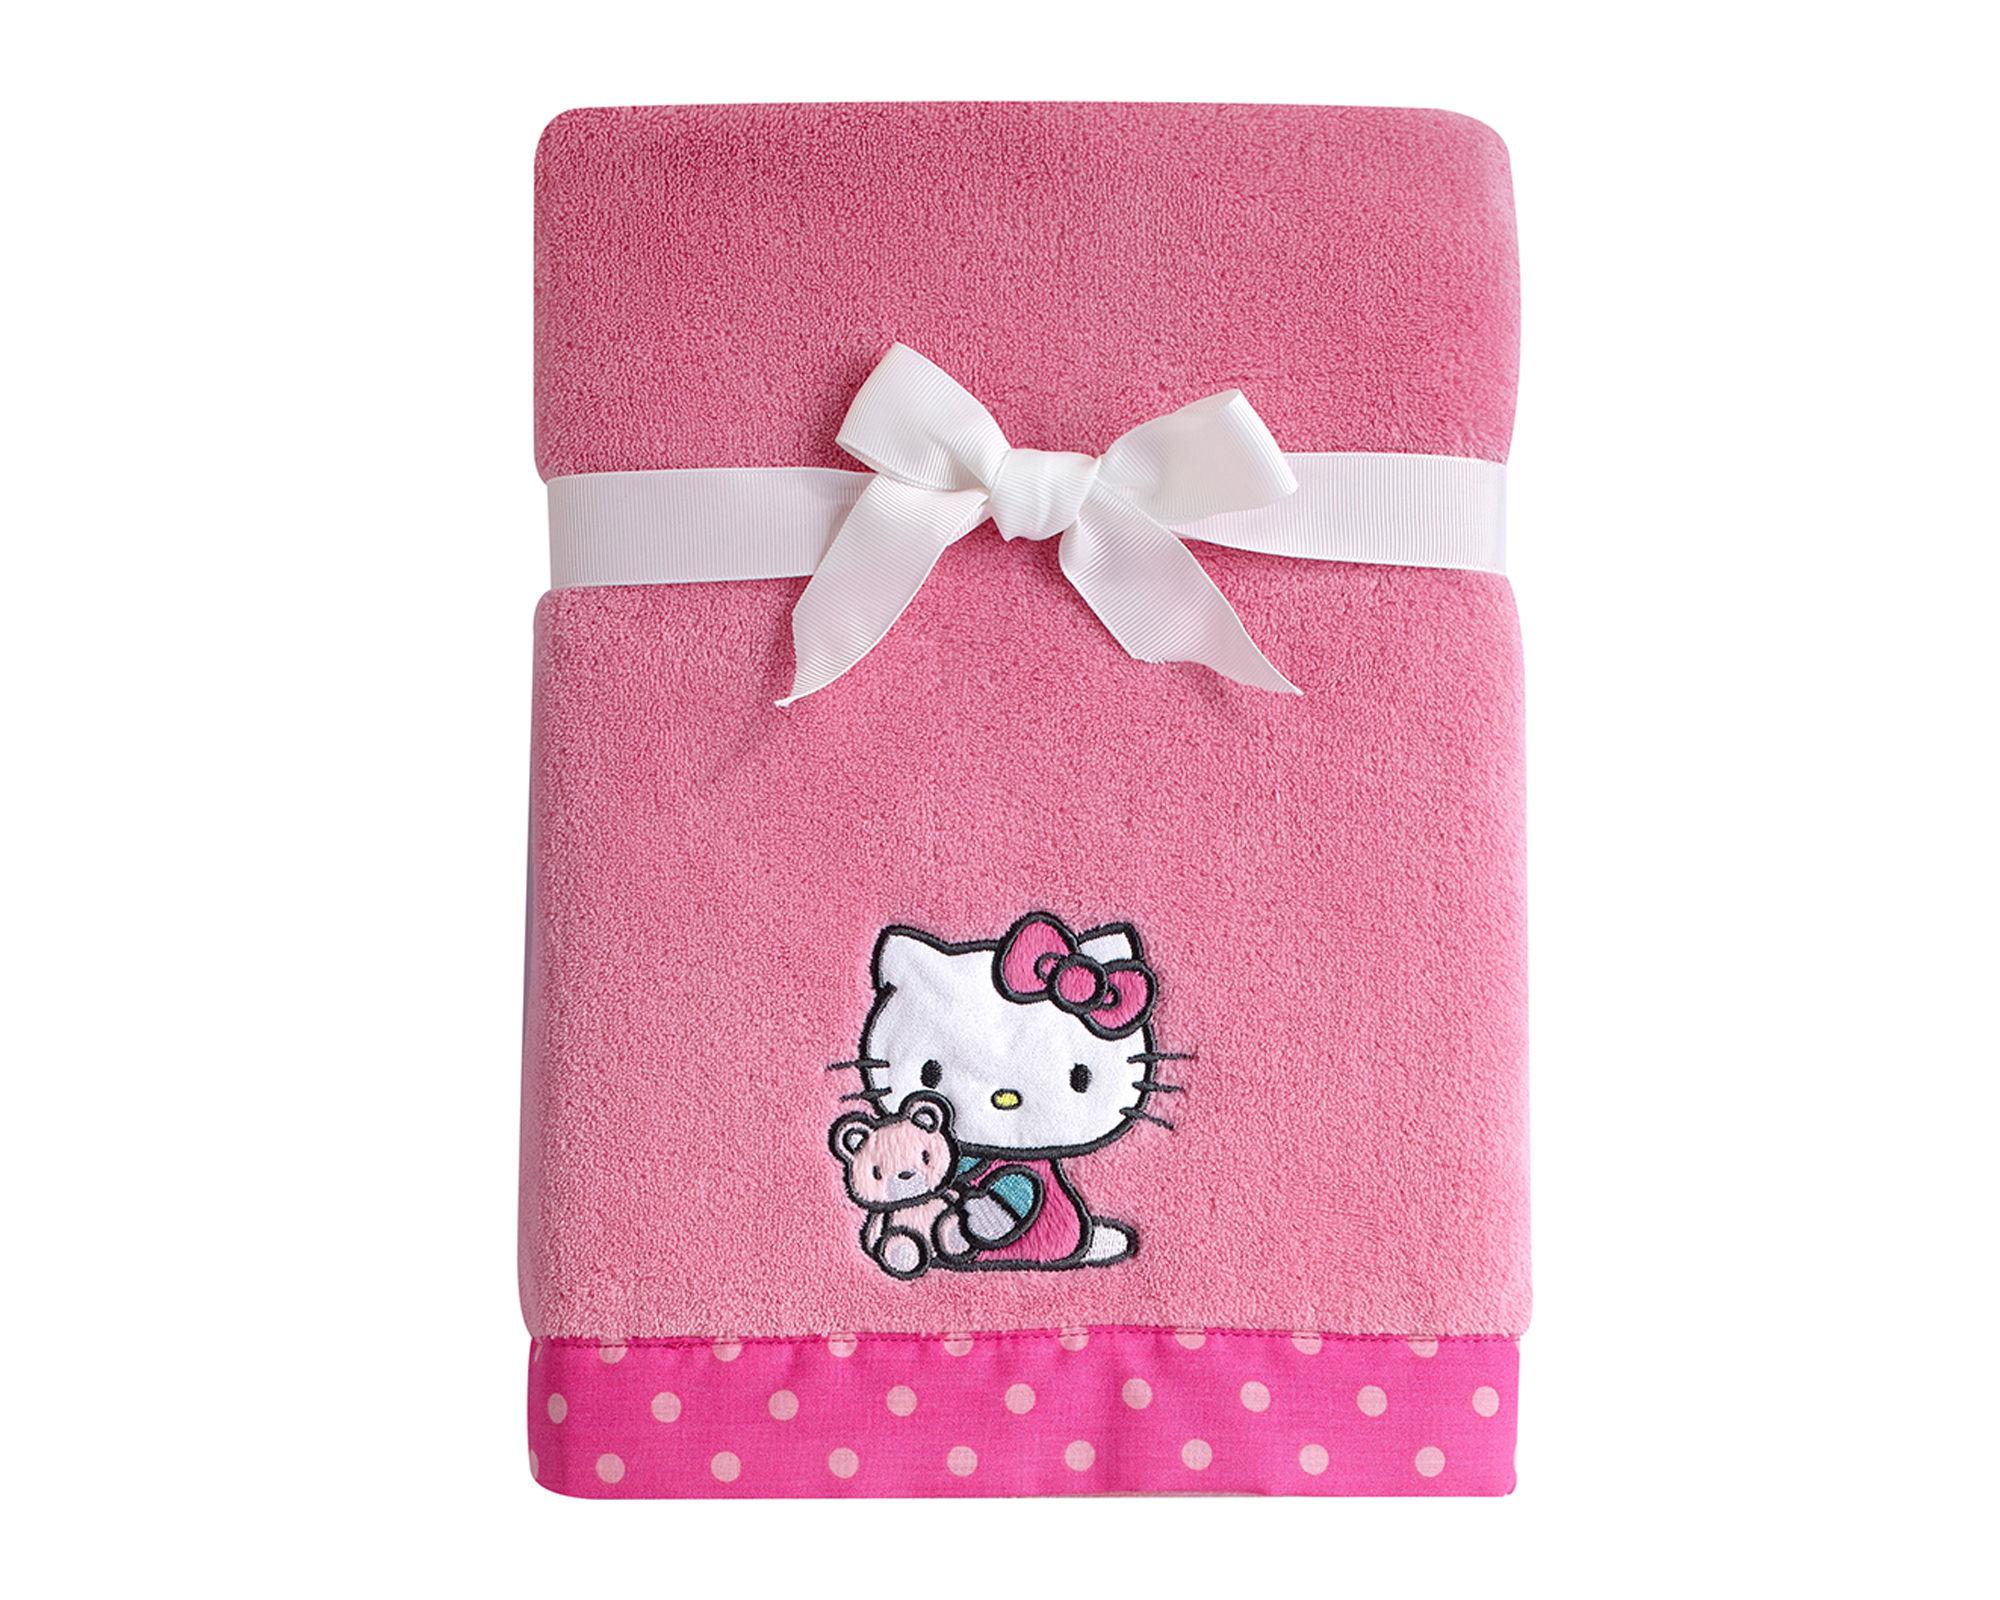 NoJo Sanrio - Hello Kitty Fleece Blanket Comforters